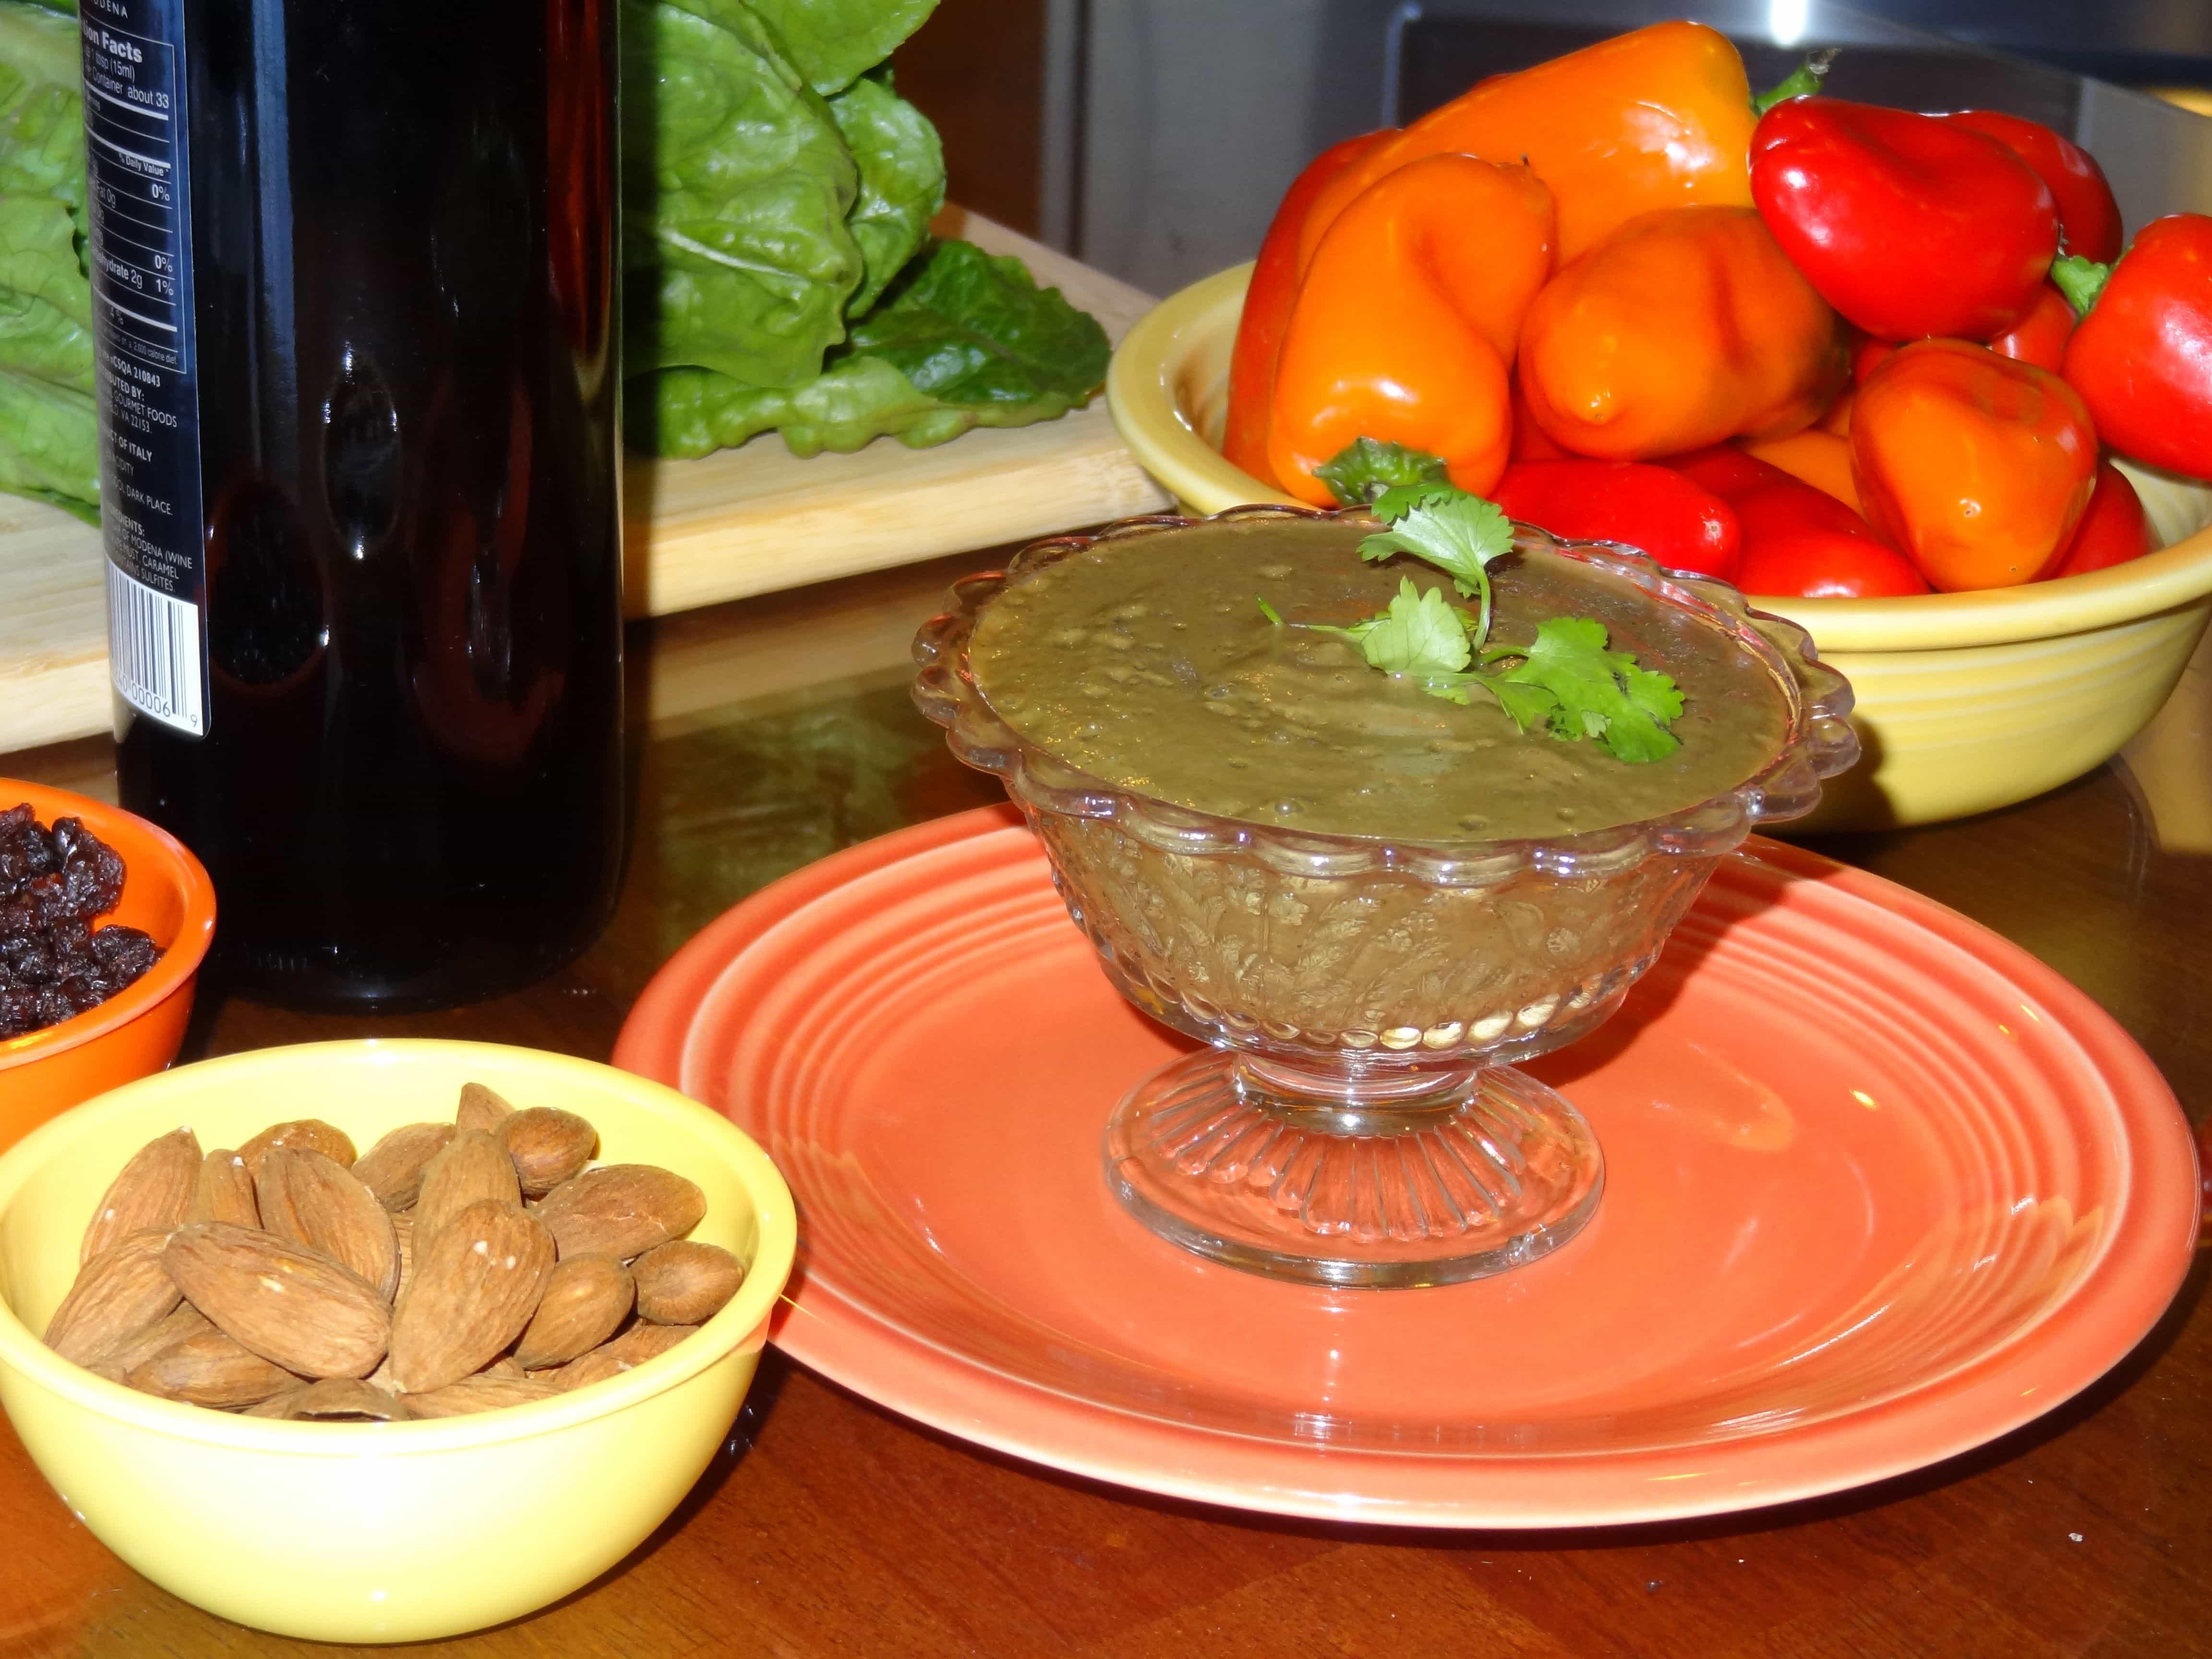 Recipe: Cilantro-Currant Vinaigrette